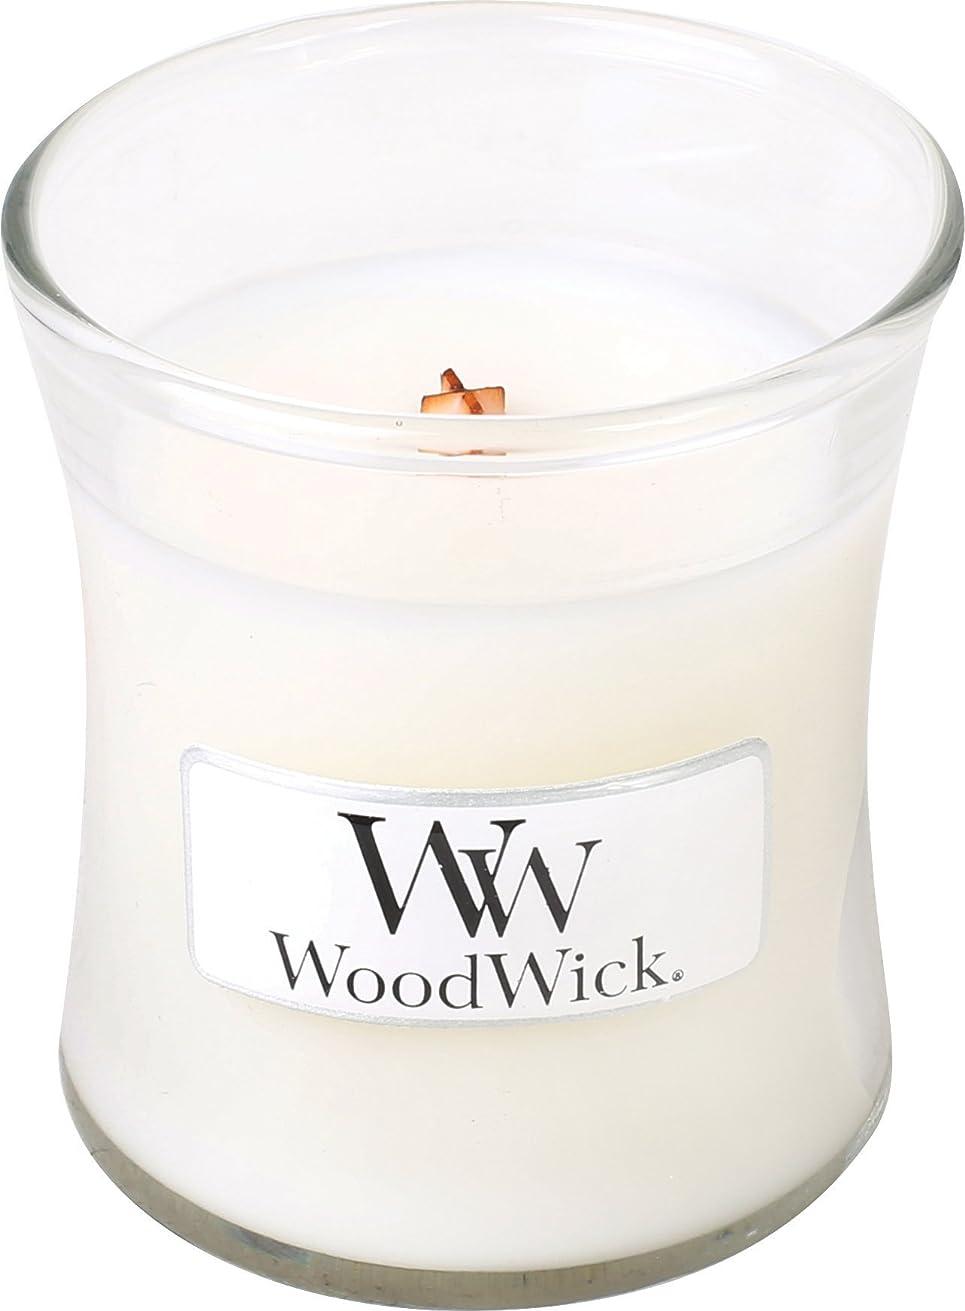 ミリメートルかろうじて見積りWood Wick ウッドウィック ジャーキャンドルSサイズ ホワイトティージャスミン